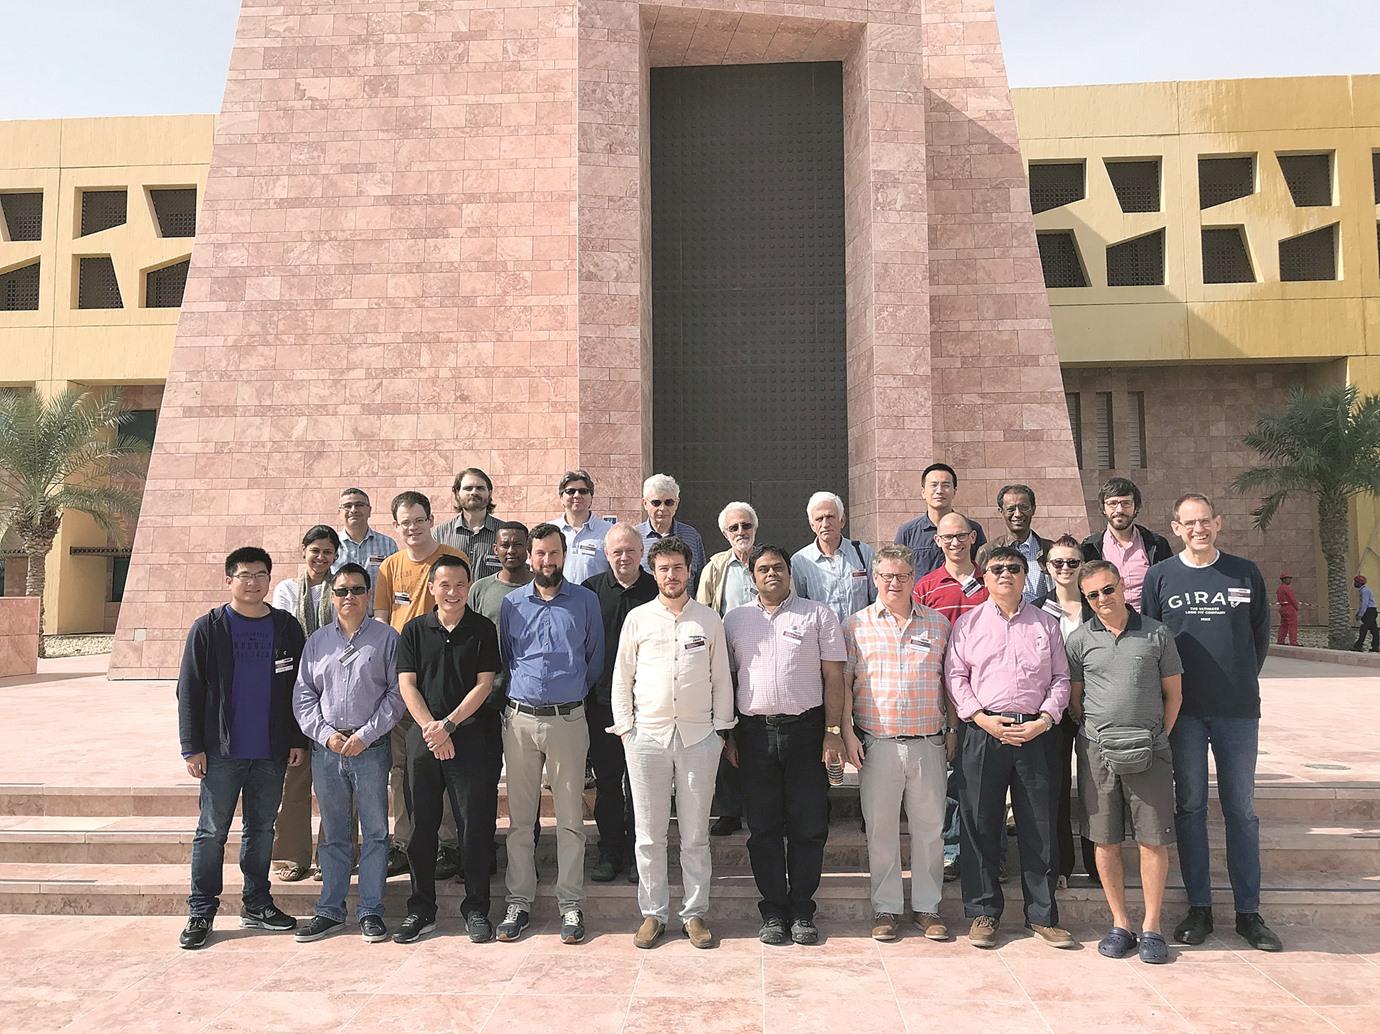 «تكساس» تستضيف ورشة عمل دولية حول «التحليل وعلم الهندسة»